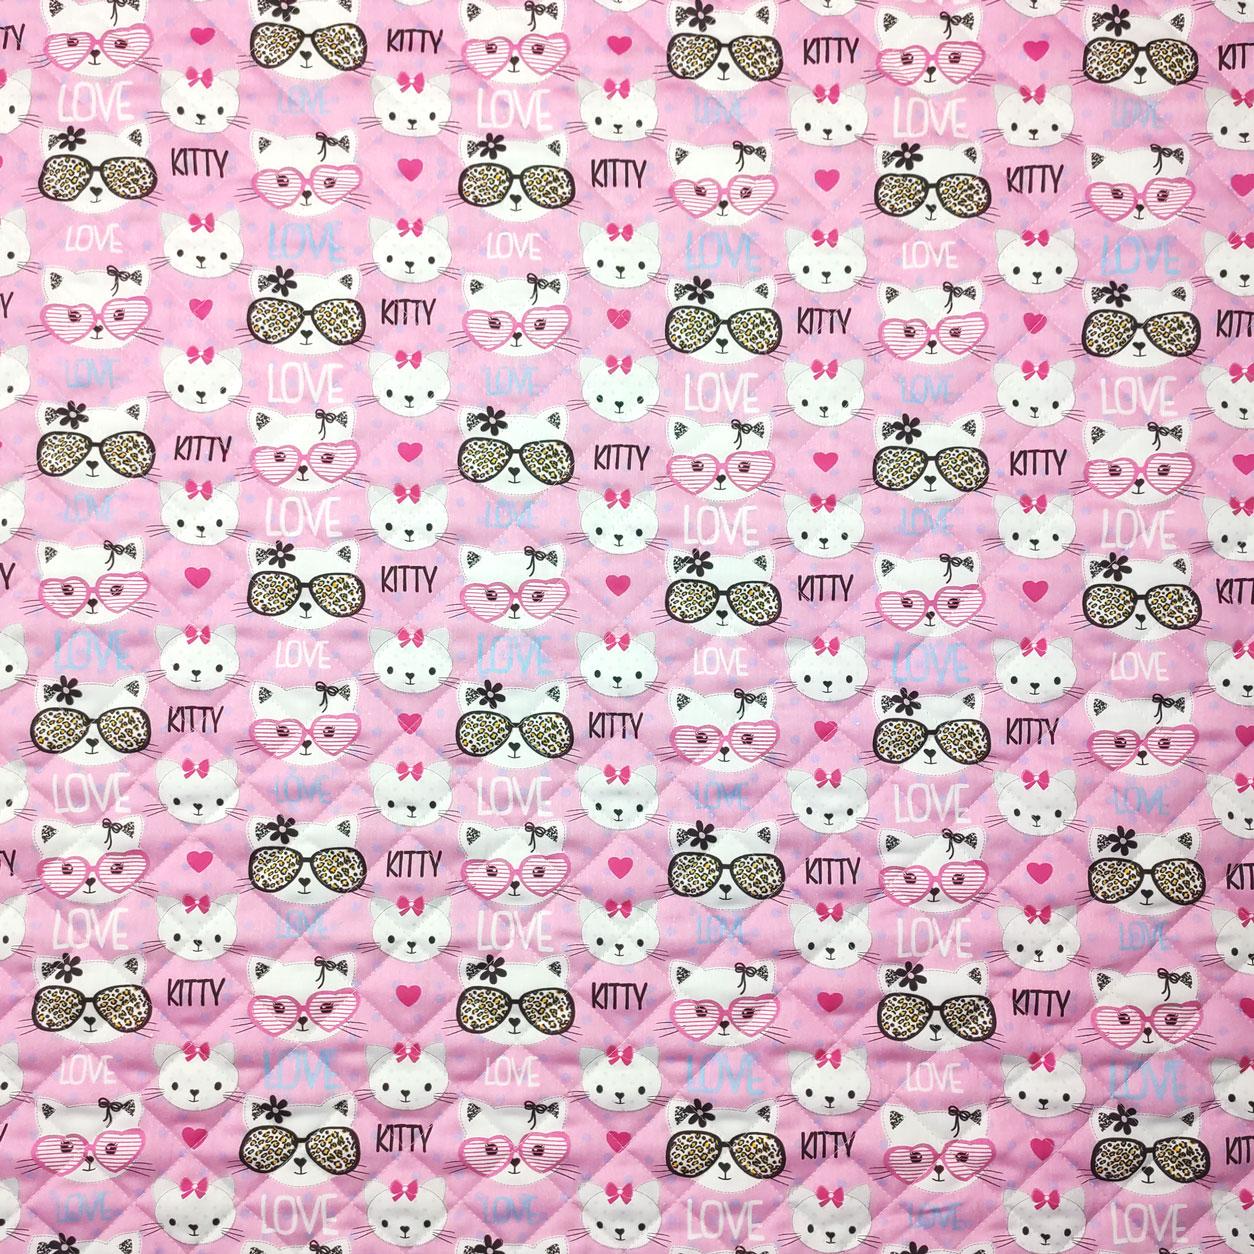 Trapunta Fantasia Kitty Love